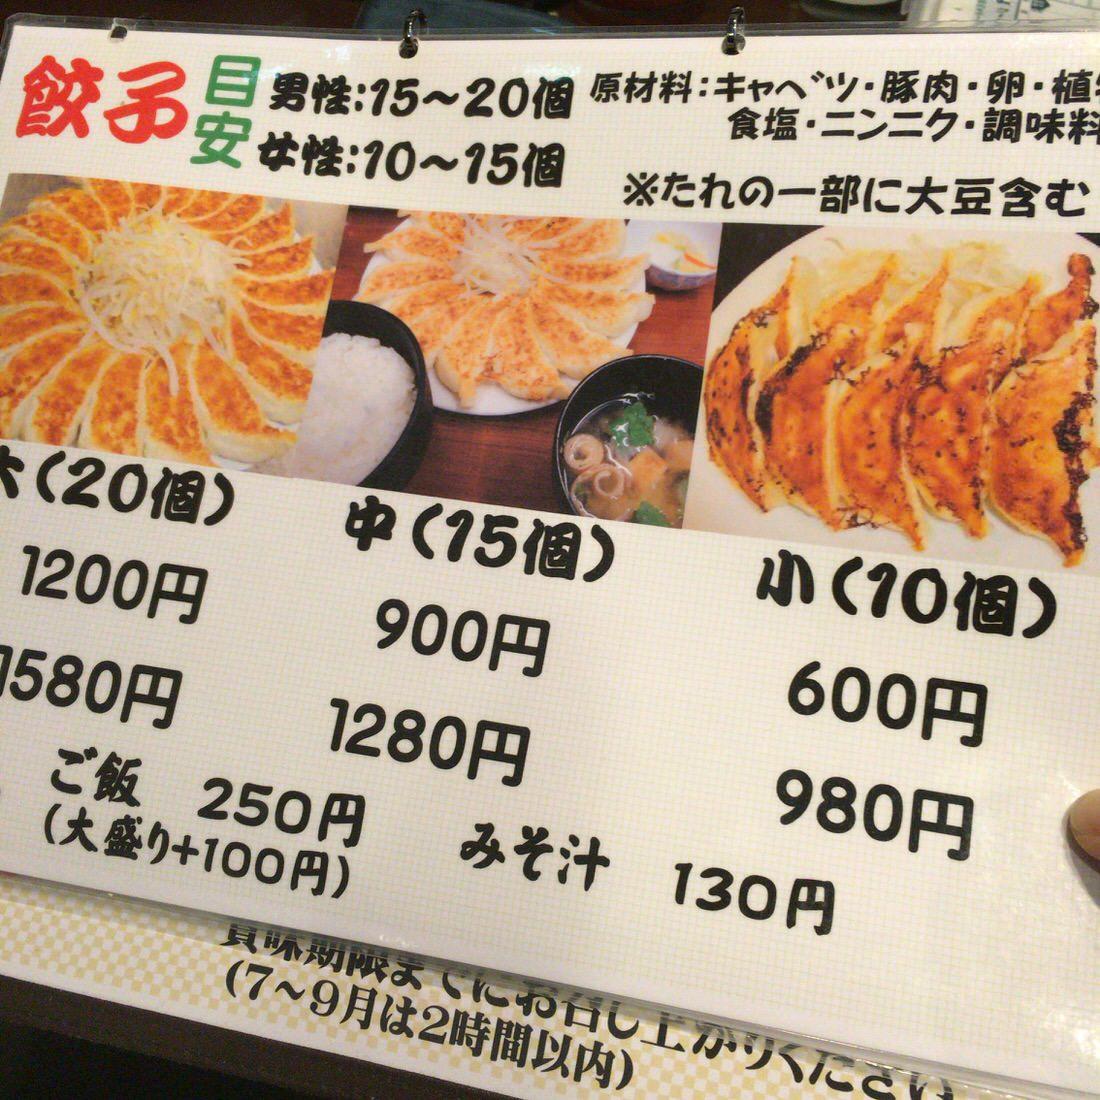 浜松餃子と言ったら!の専門店『石松』本店で極上の餃子を食べてきた!